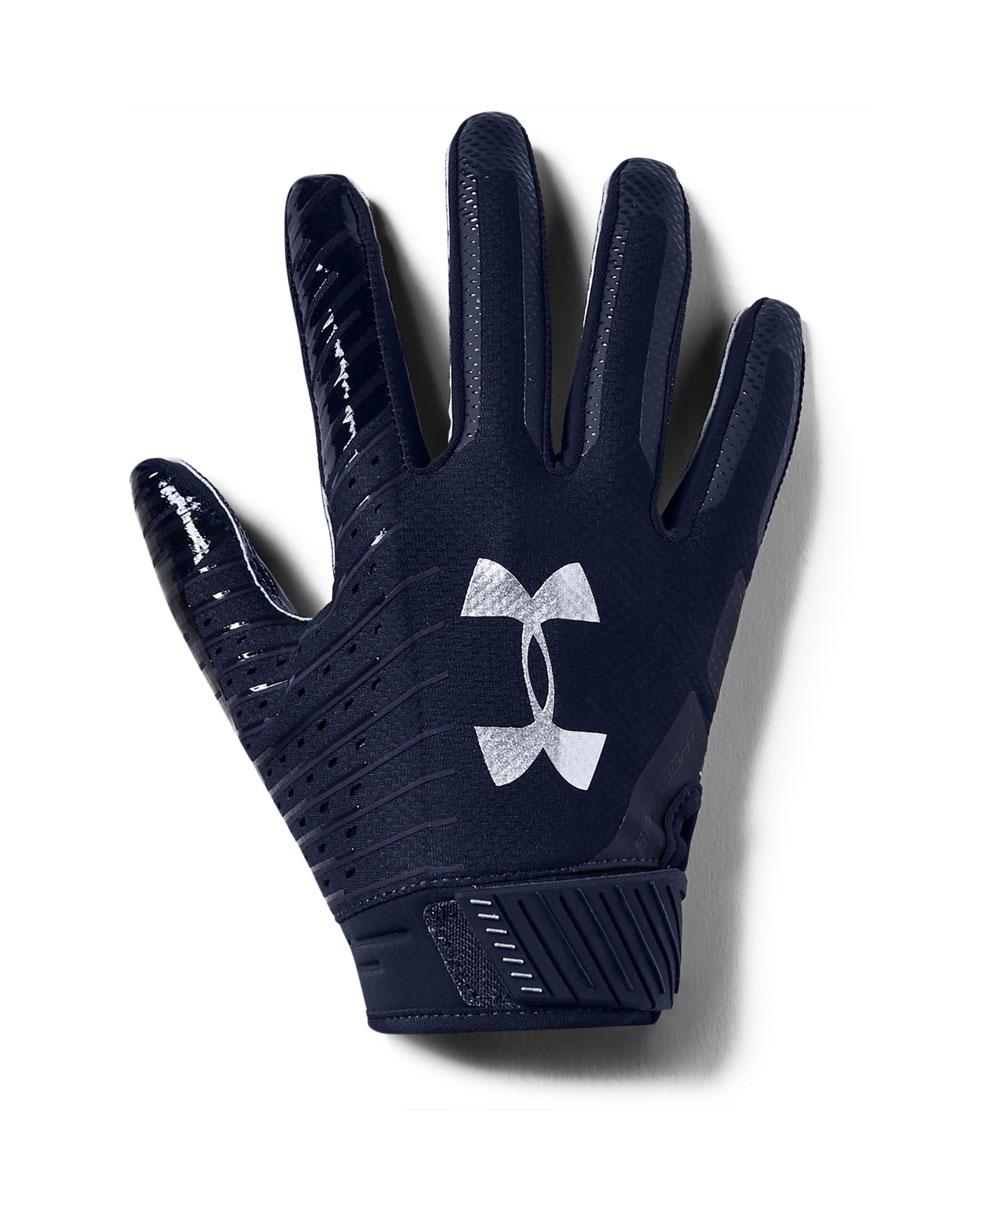 Spotlight Men's Football Gloves Midnight Navy